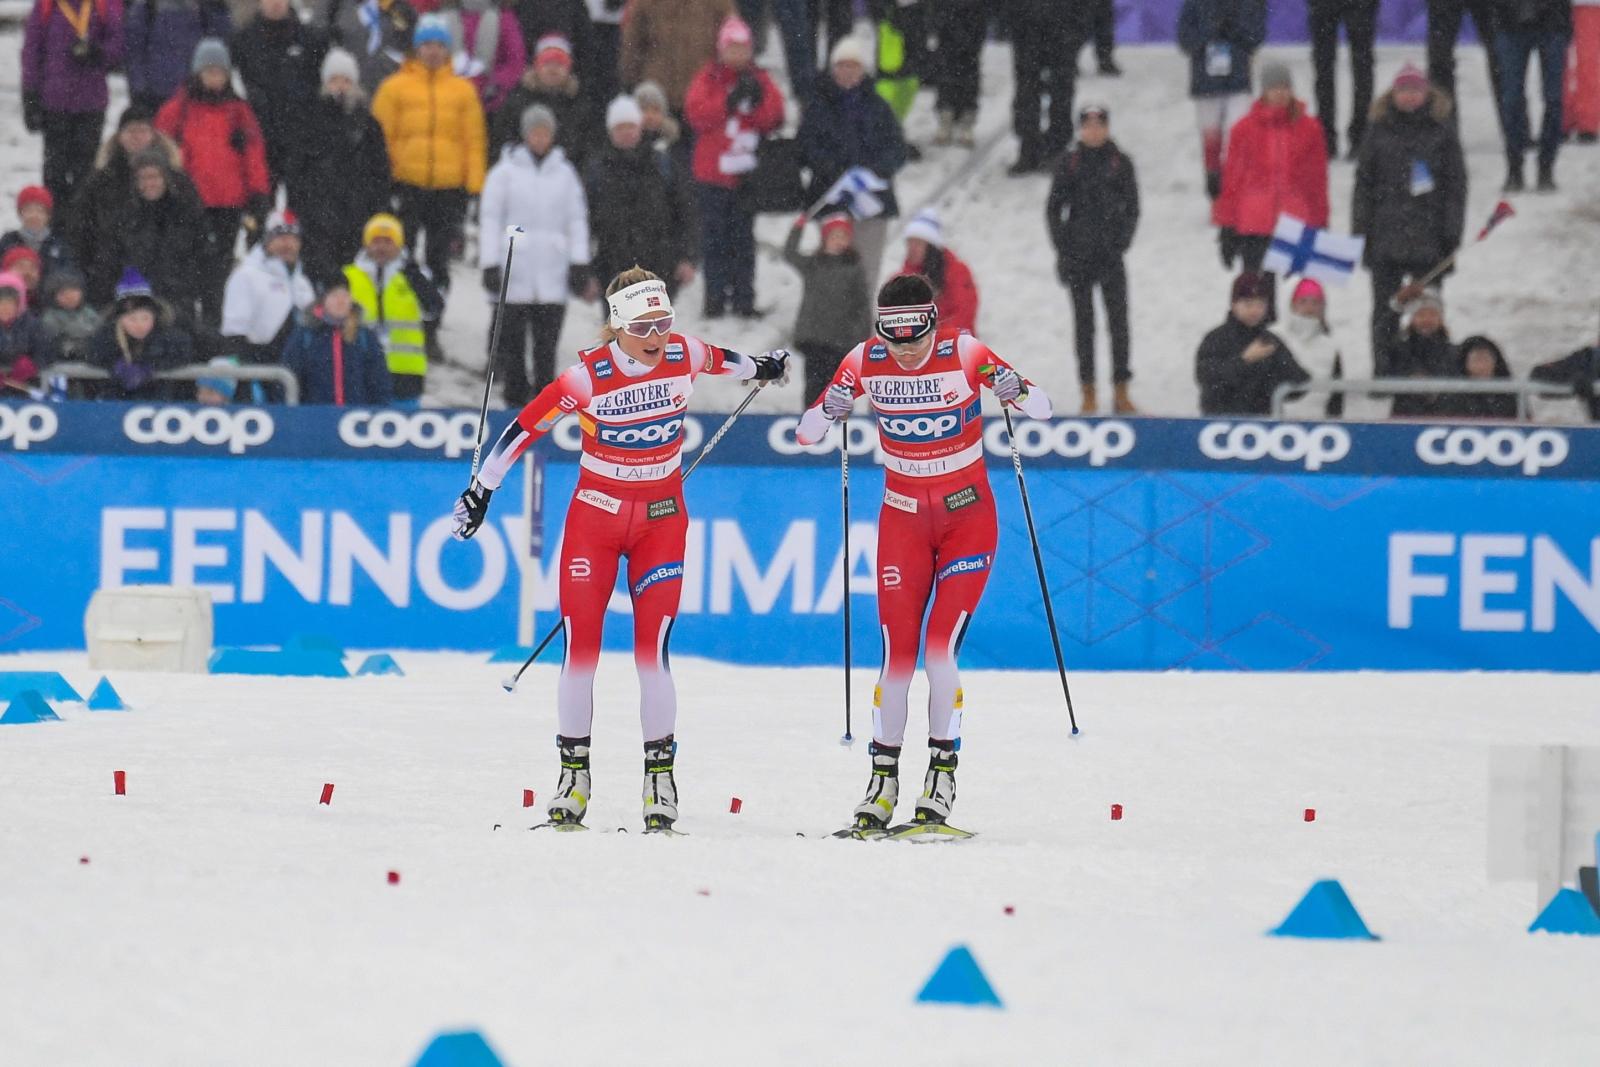 Puchar Świata w biegach narciarskich, wyniki Sport